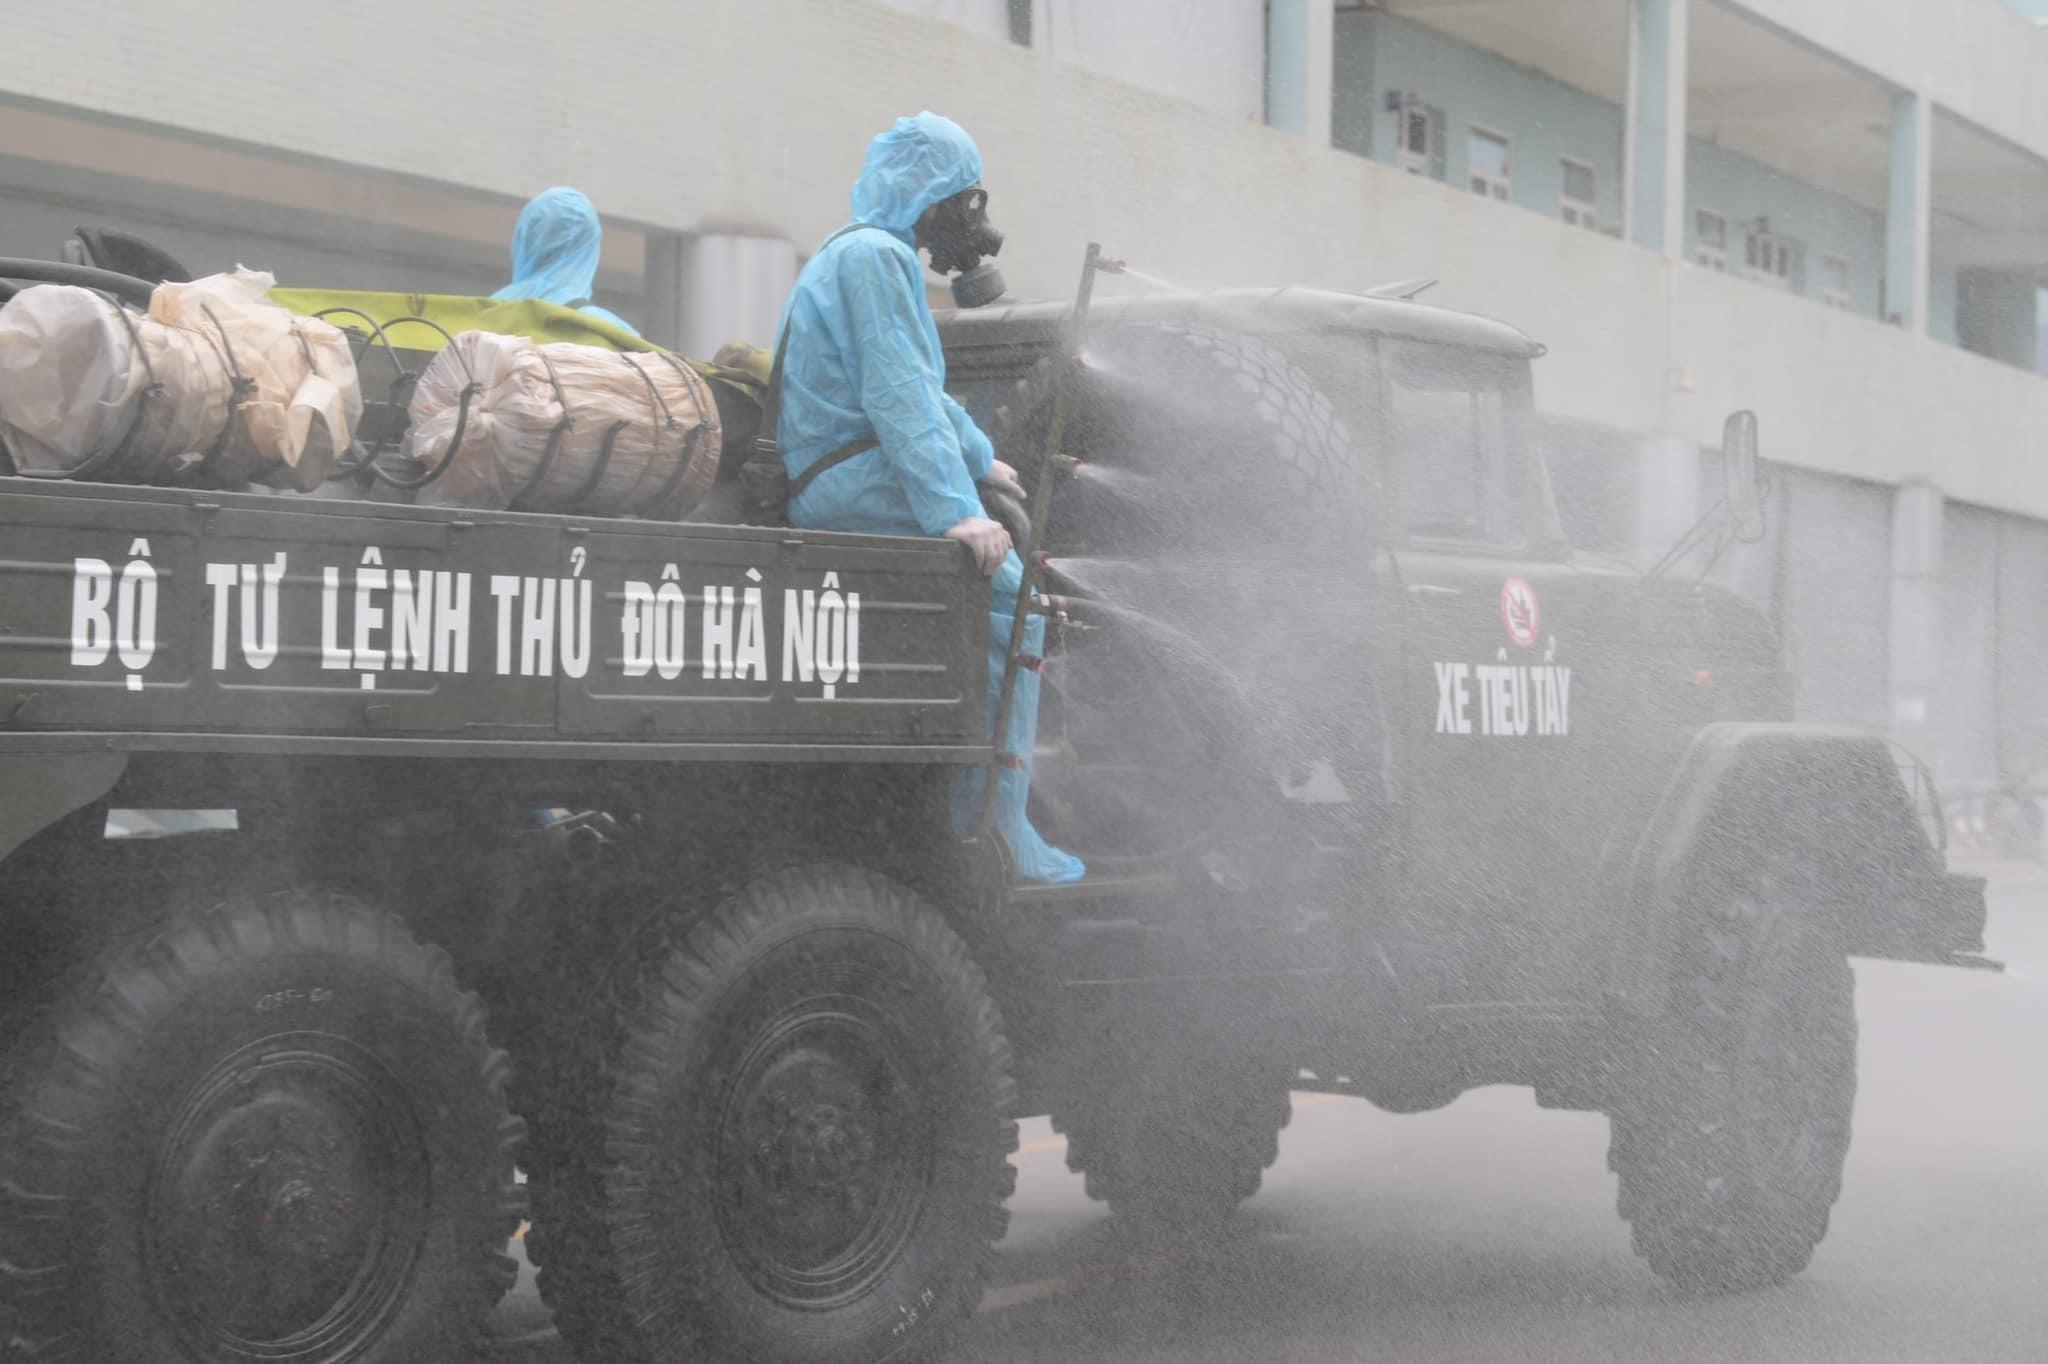 Quân đội 'khẩn cấp' khử khuẩn Bệnh viện K